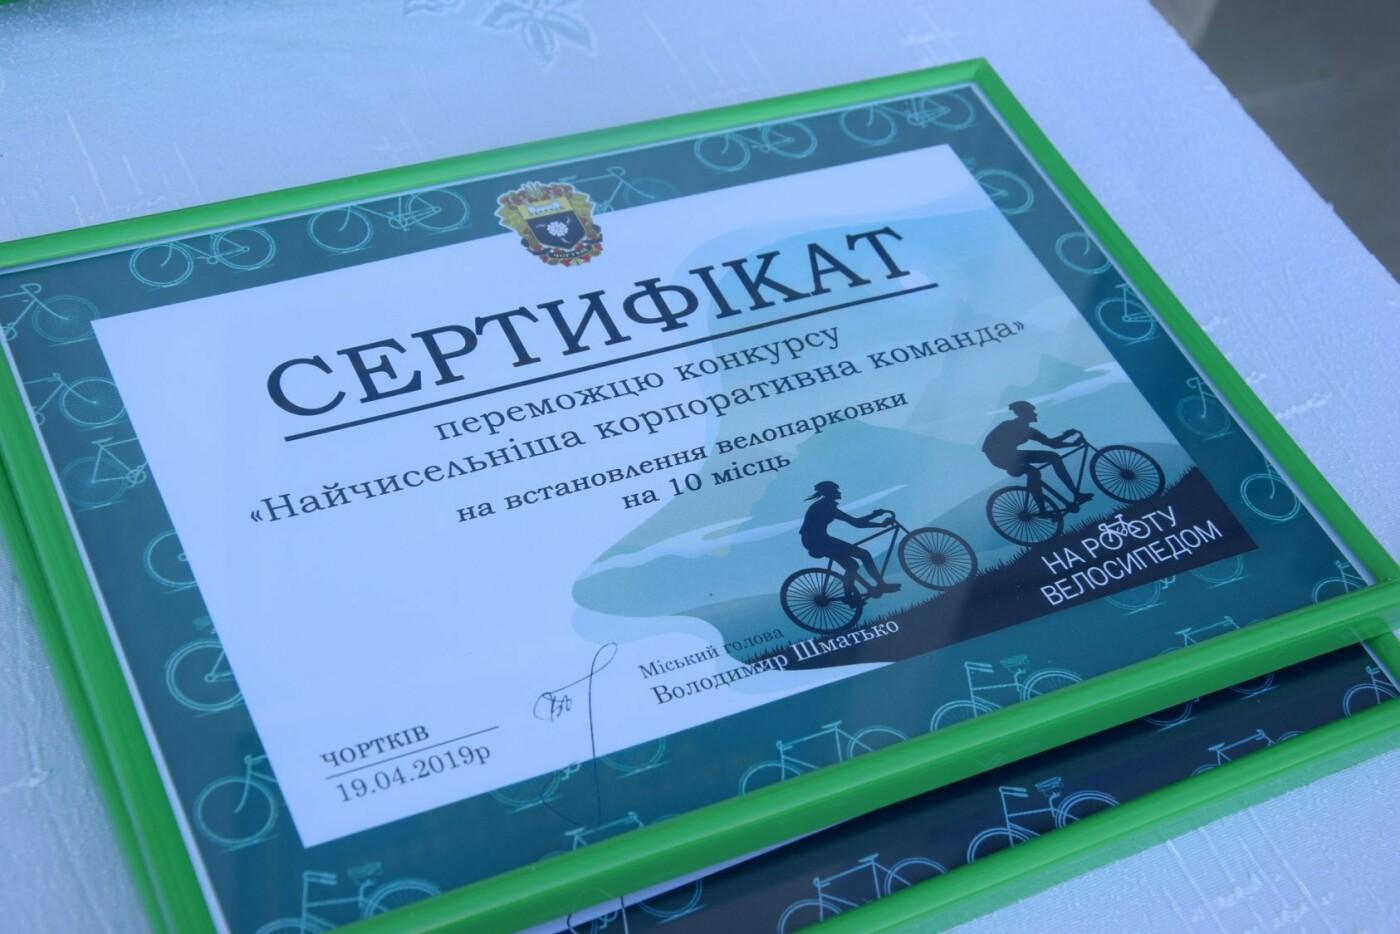 На Тернопільщині чиновники змінили свої автомобілі на велосипеди (ФОТОФАКТ), фото-23